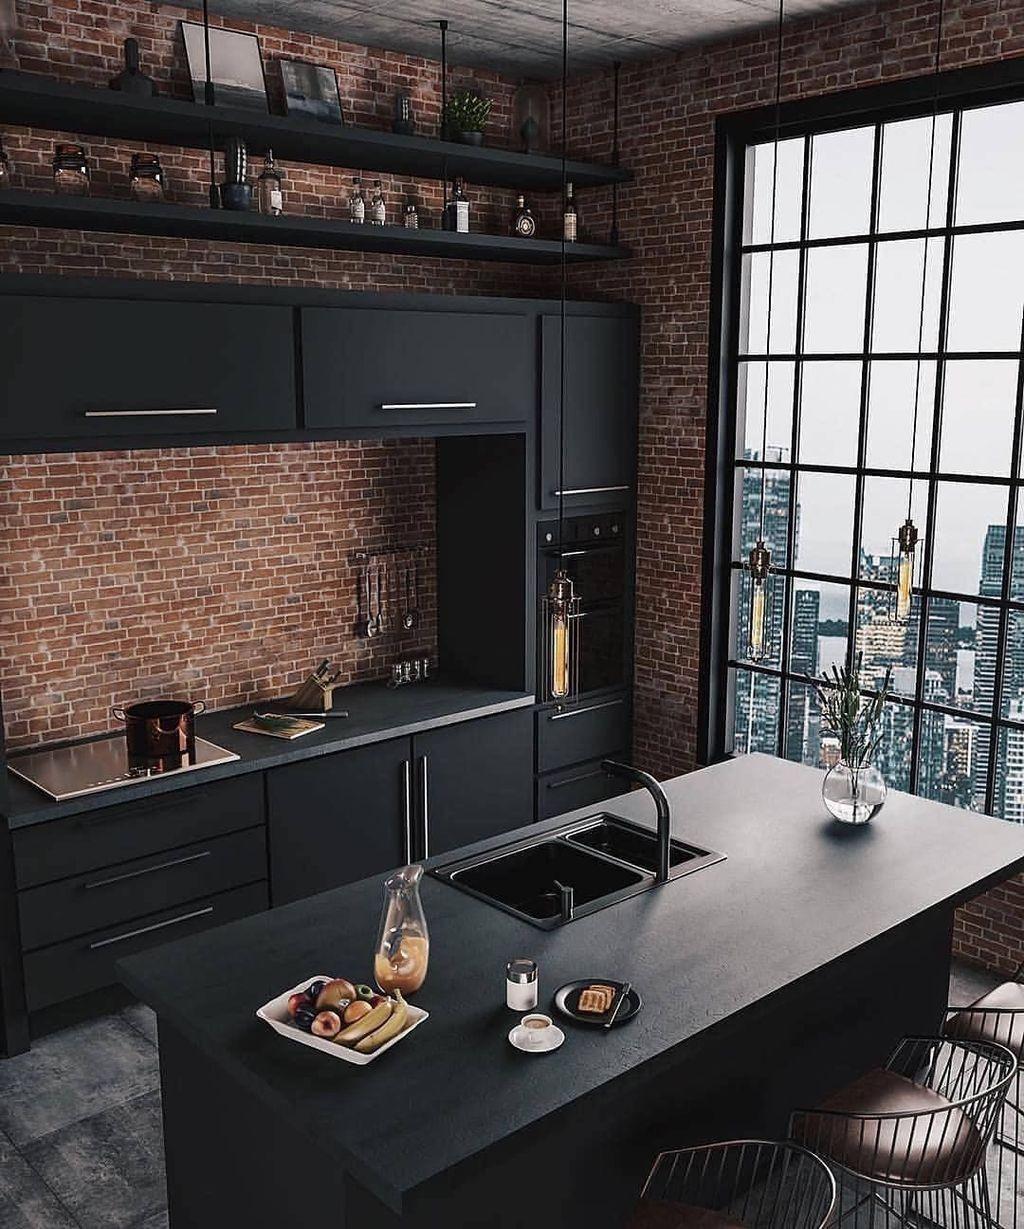 9+ Adorable Home Interior Design Ideas To Try   Home interior ...